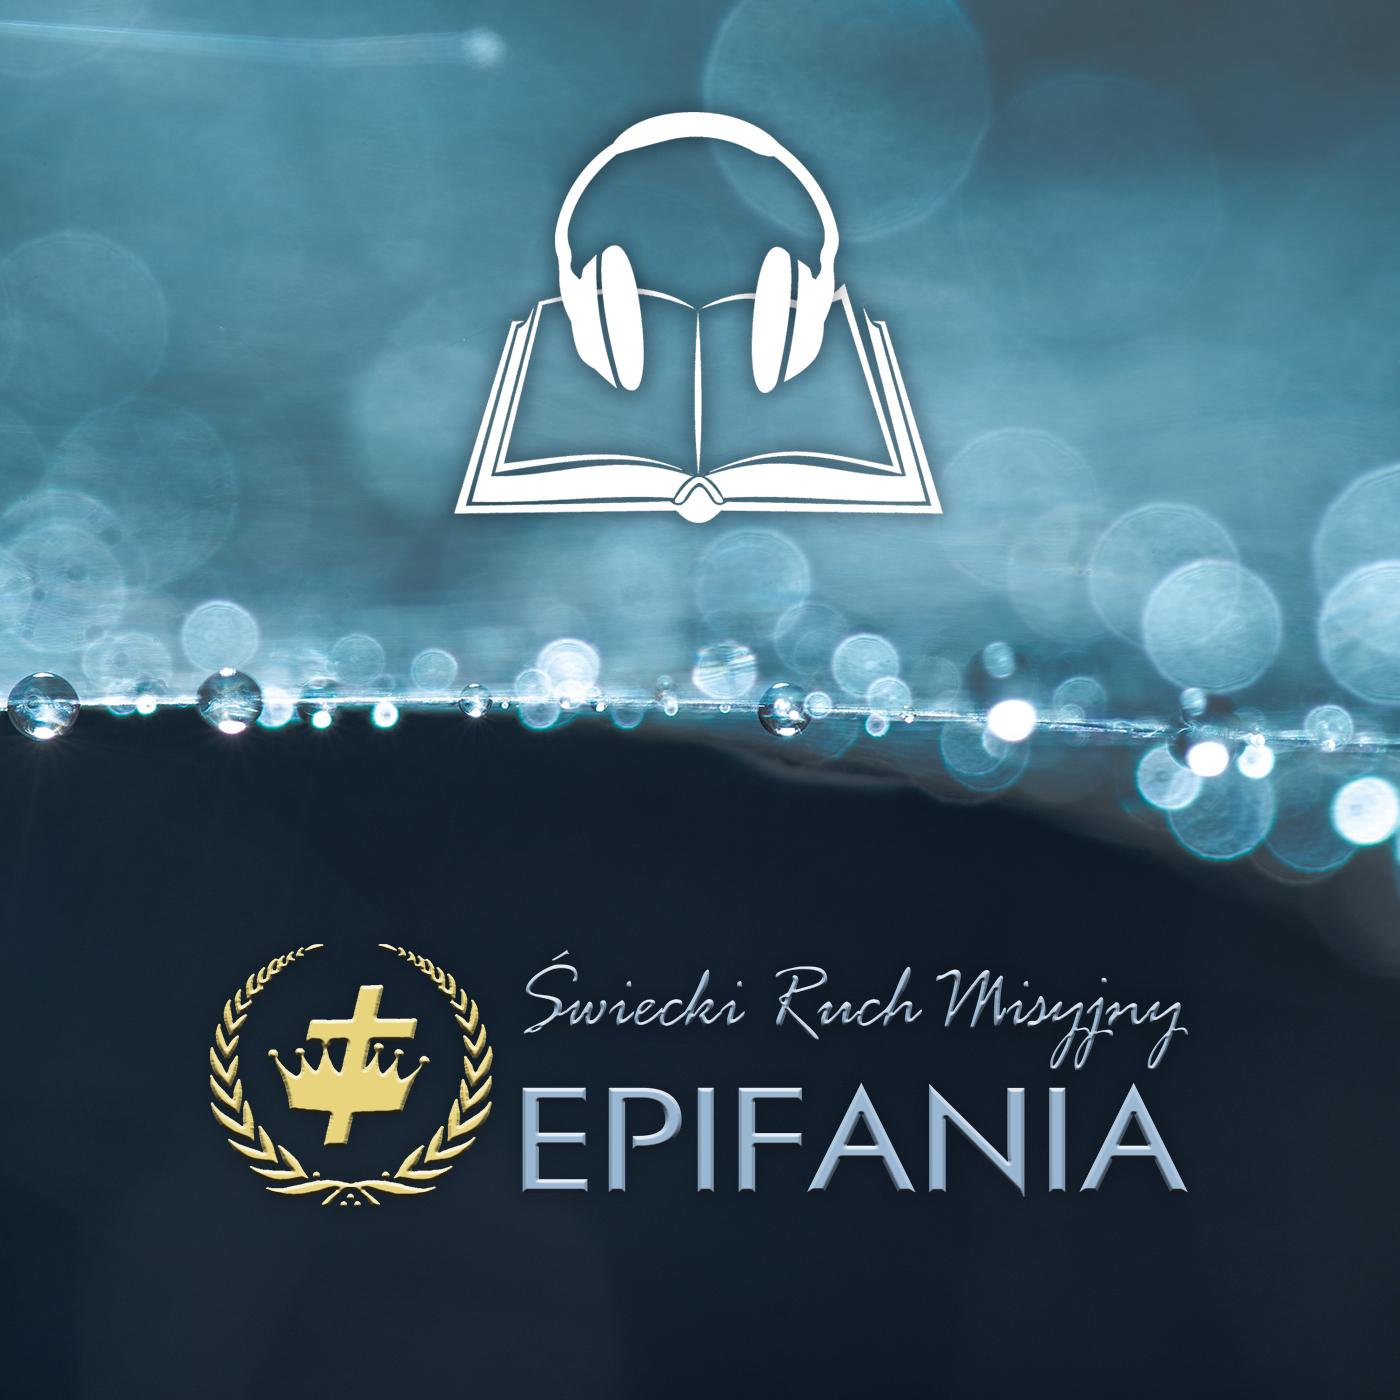 Świecki Ruch Misyjny Epifania